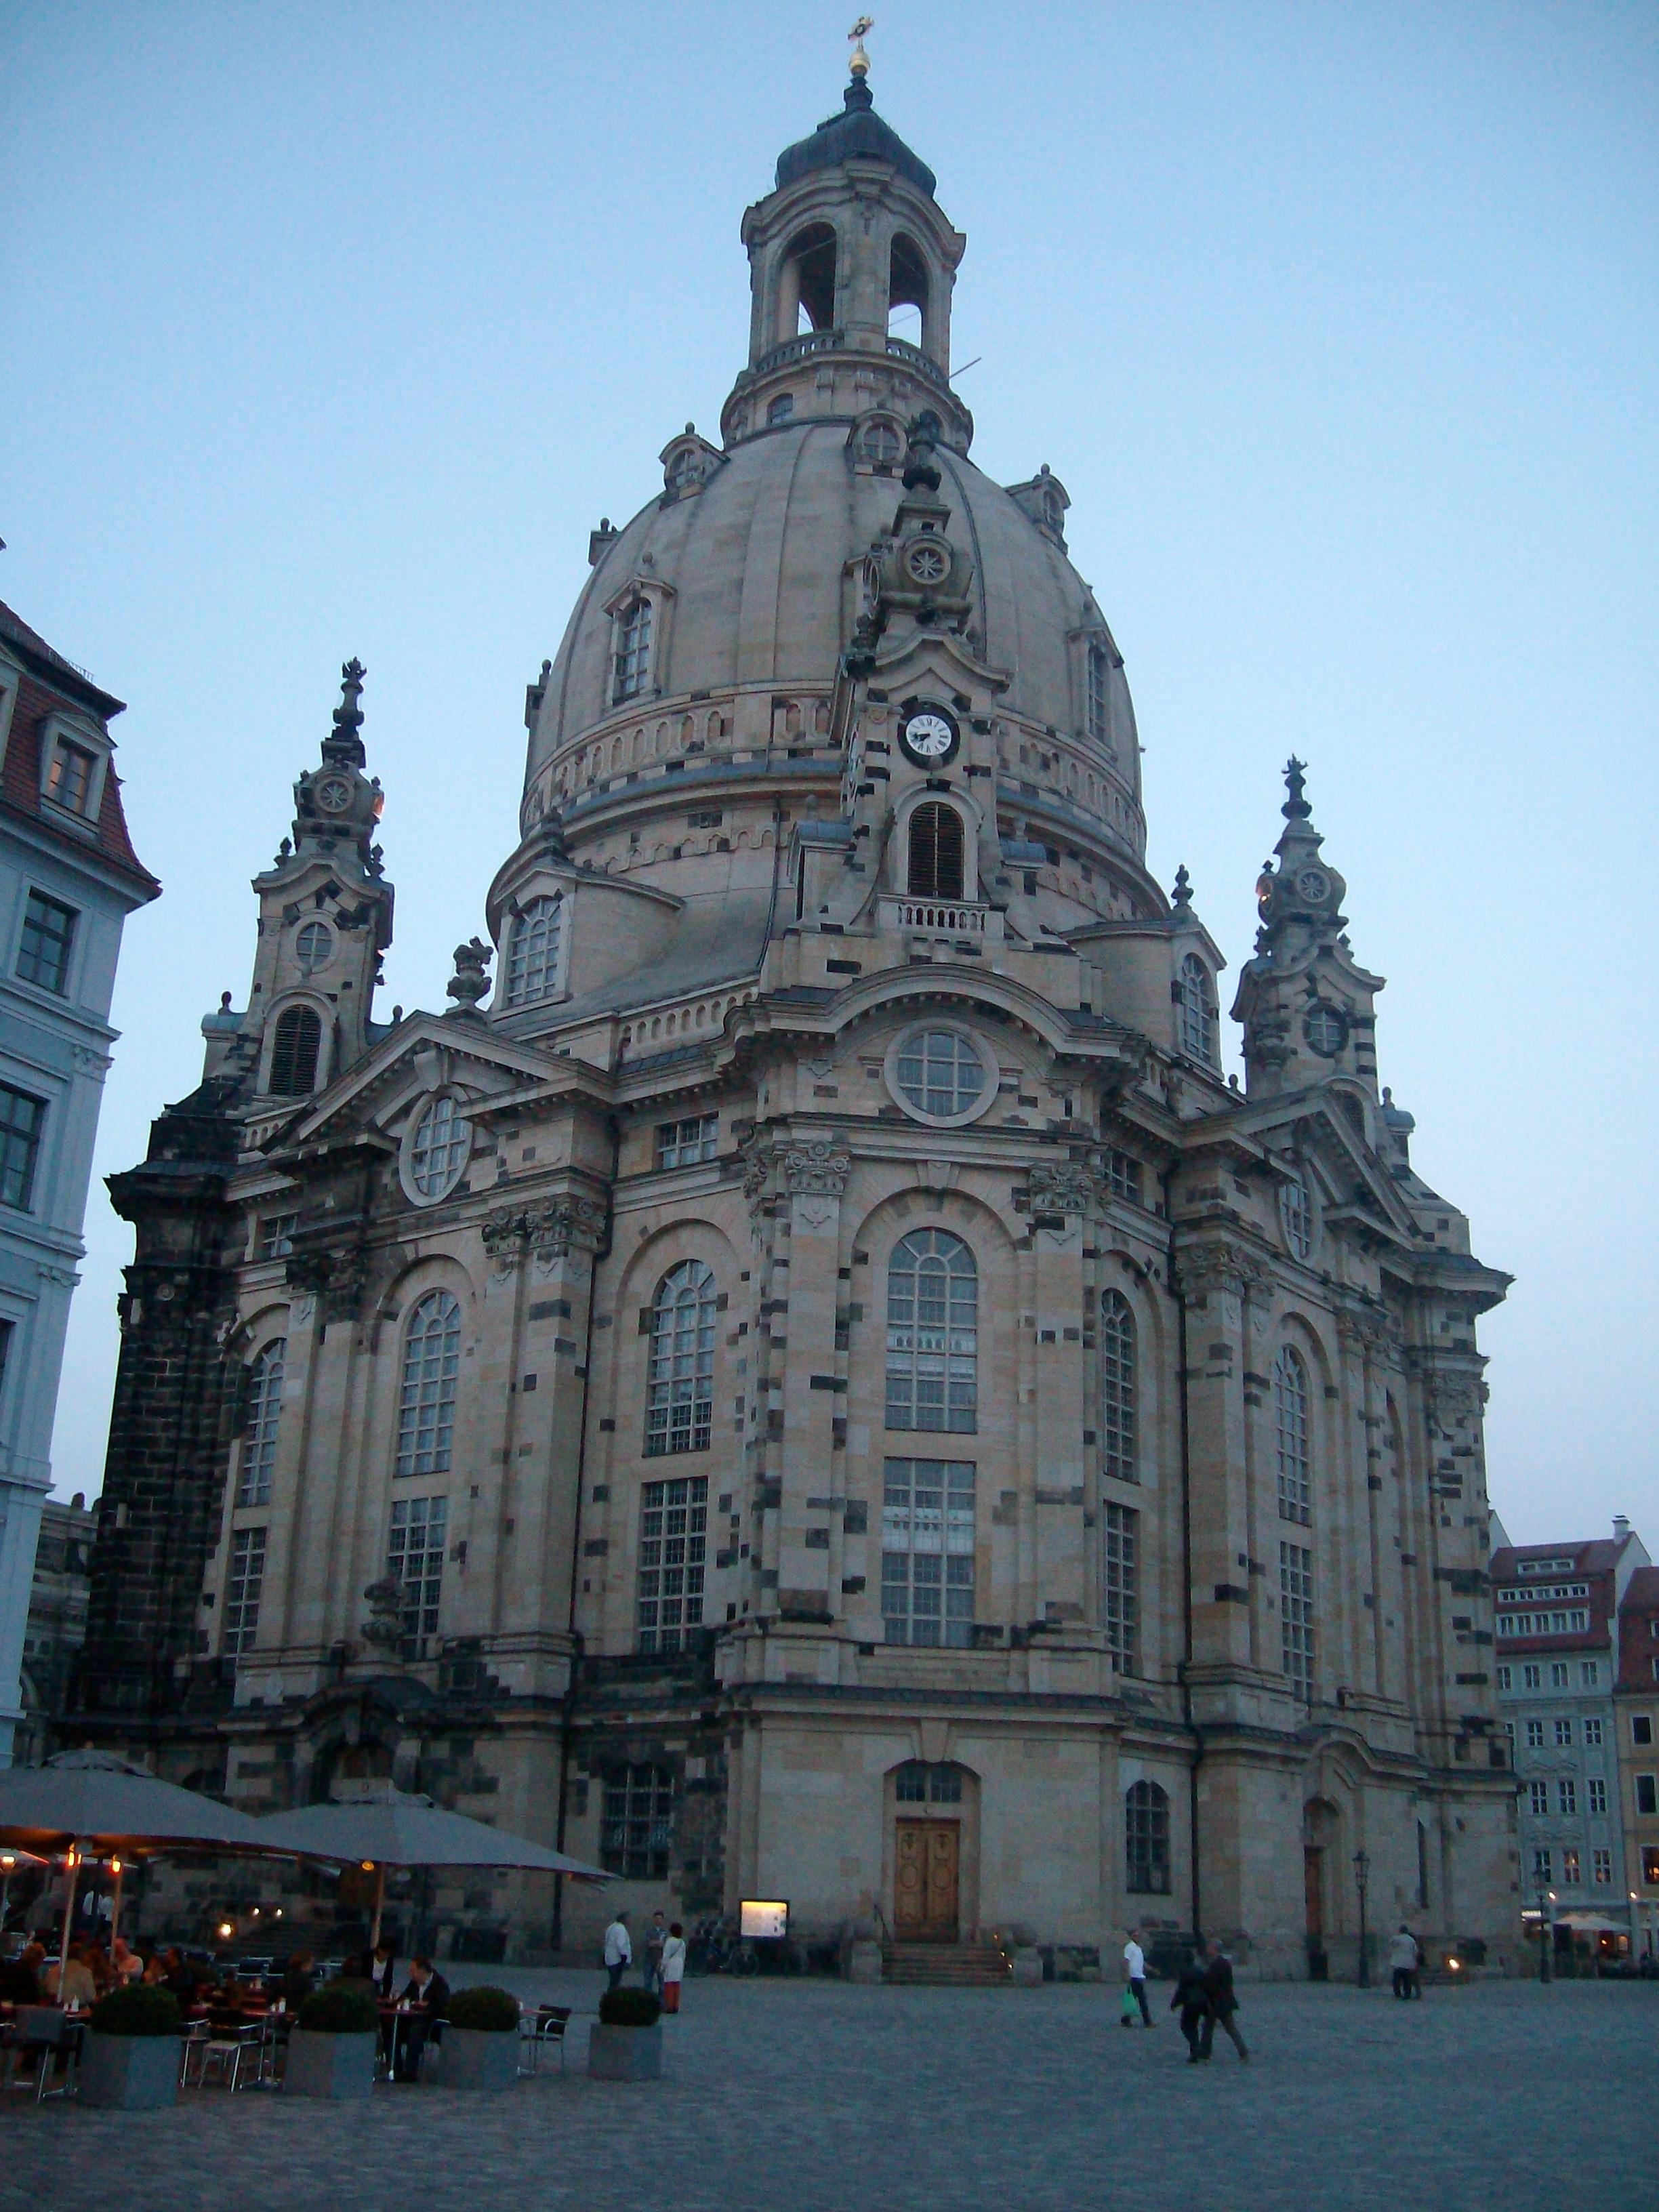 Frauenkirche i Dresden låg i ruinar i heile etterkrigstidi. Etter murens fall vart kyrkja rekonstruert, takk vere ein internasjonal innsamlingsaksjon.